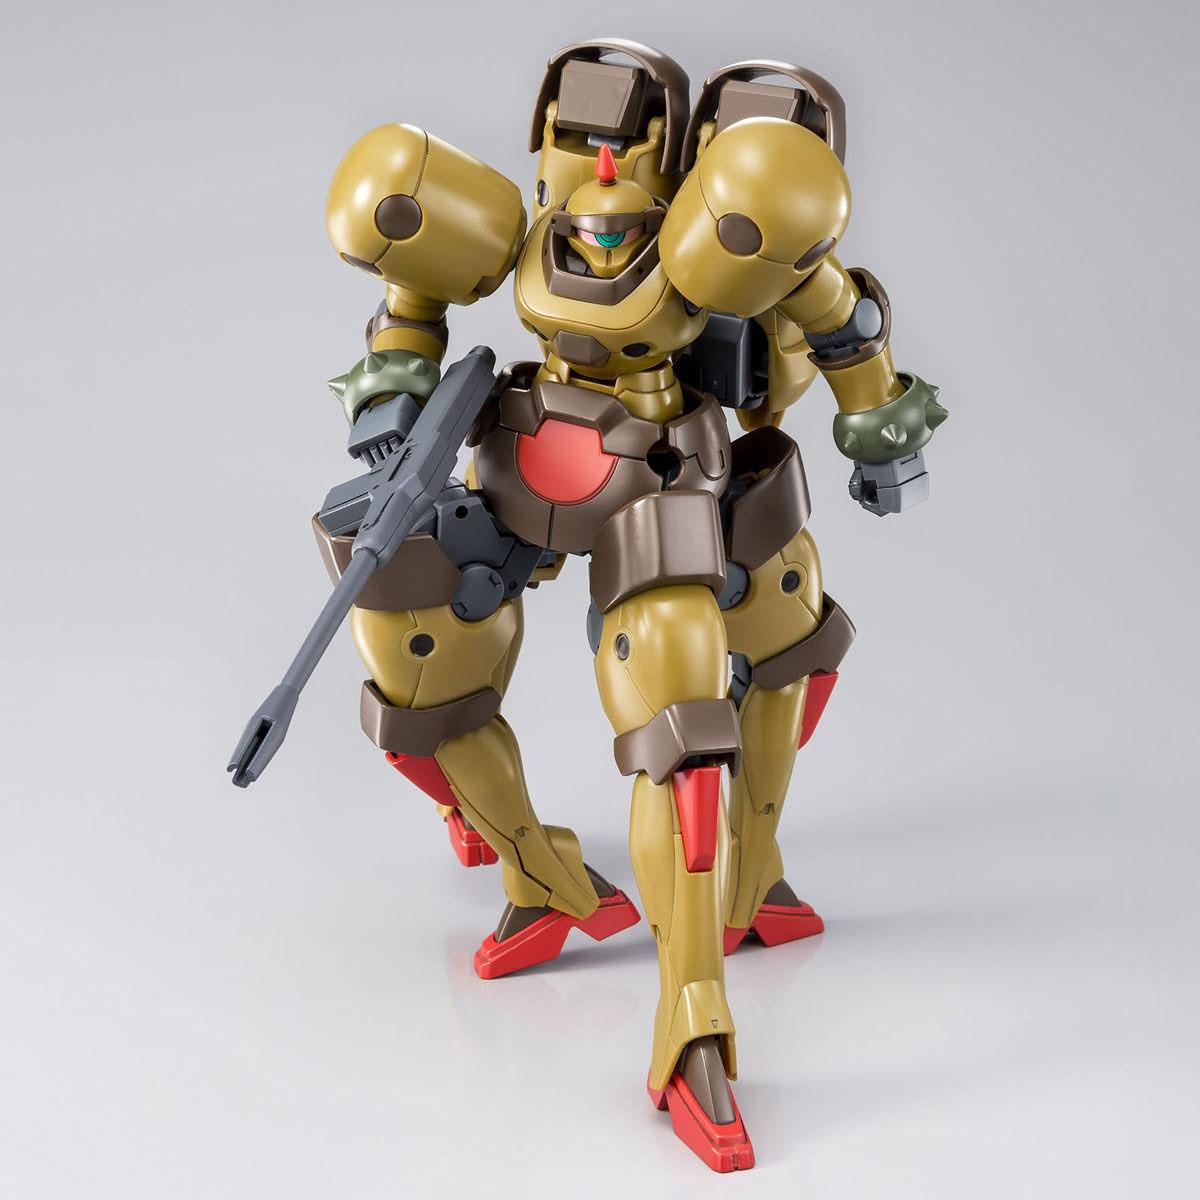 【限定販売】HG 1/144『デスビースト』機動武闘伝Gガンダム プラモデル-006